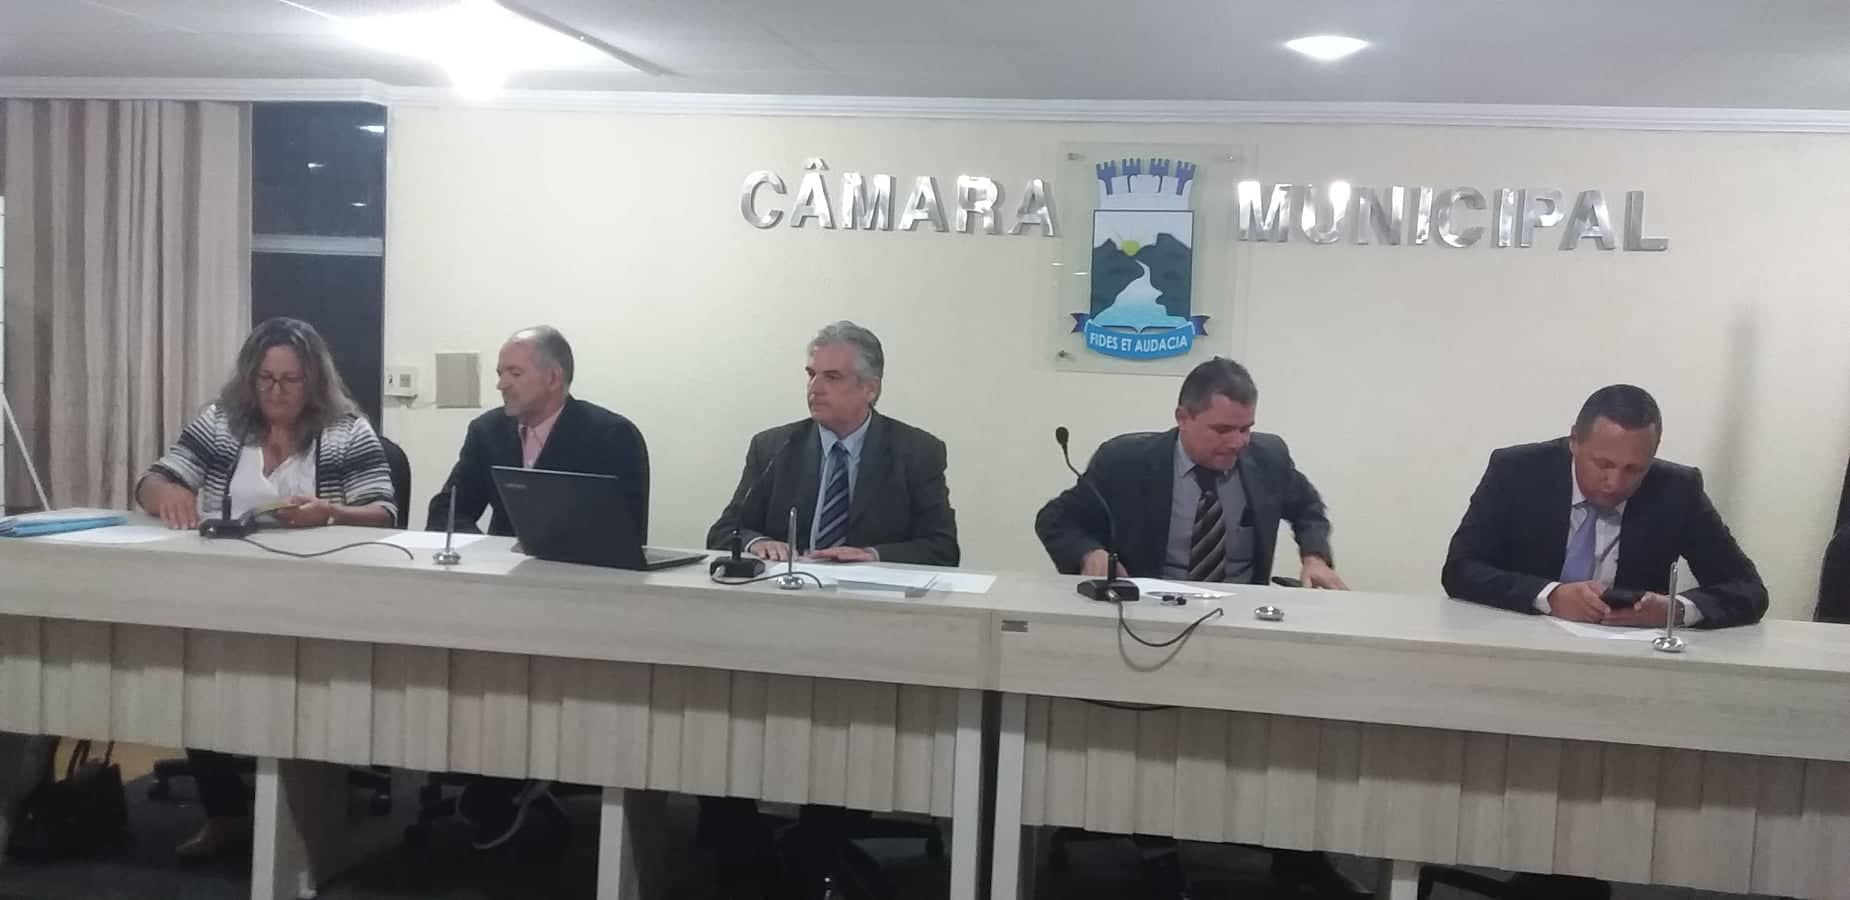 70148167_1282164701952138_8249858755085205504_n-700x341 Retorno do vereador Raul Formiga marca sessão da Câmara de Monteiro